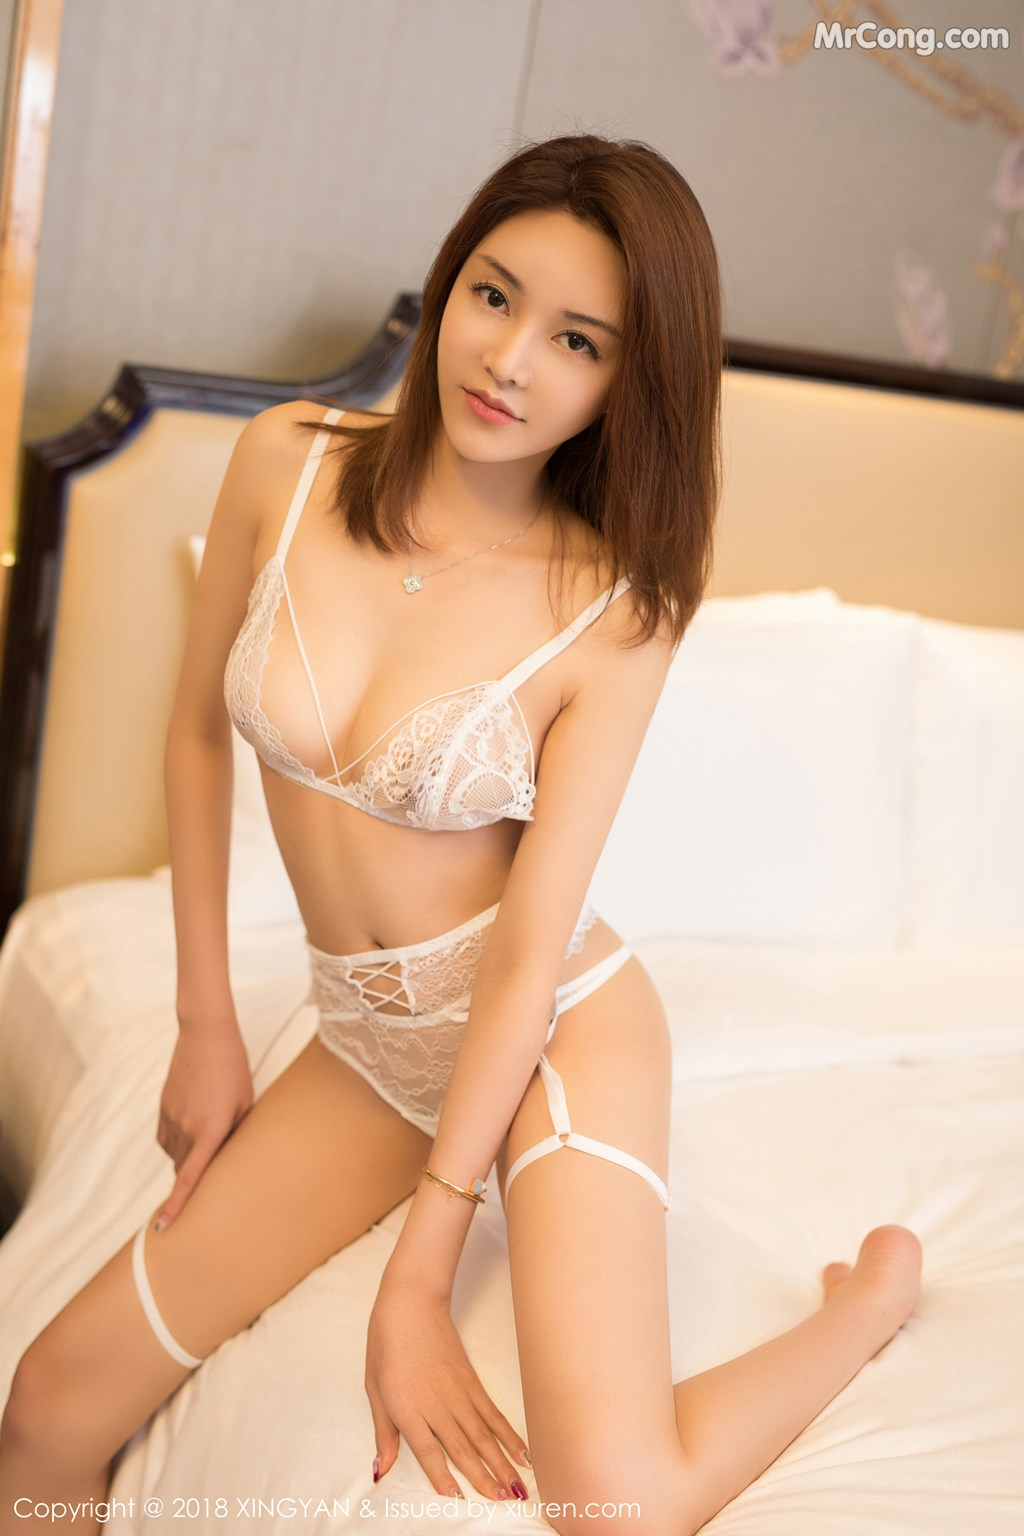 XingYan Vol.105: Người mẫu Selina思思 (40 ảnh)